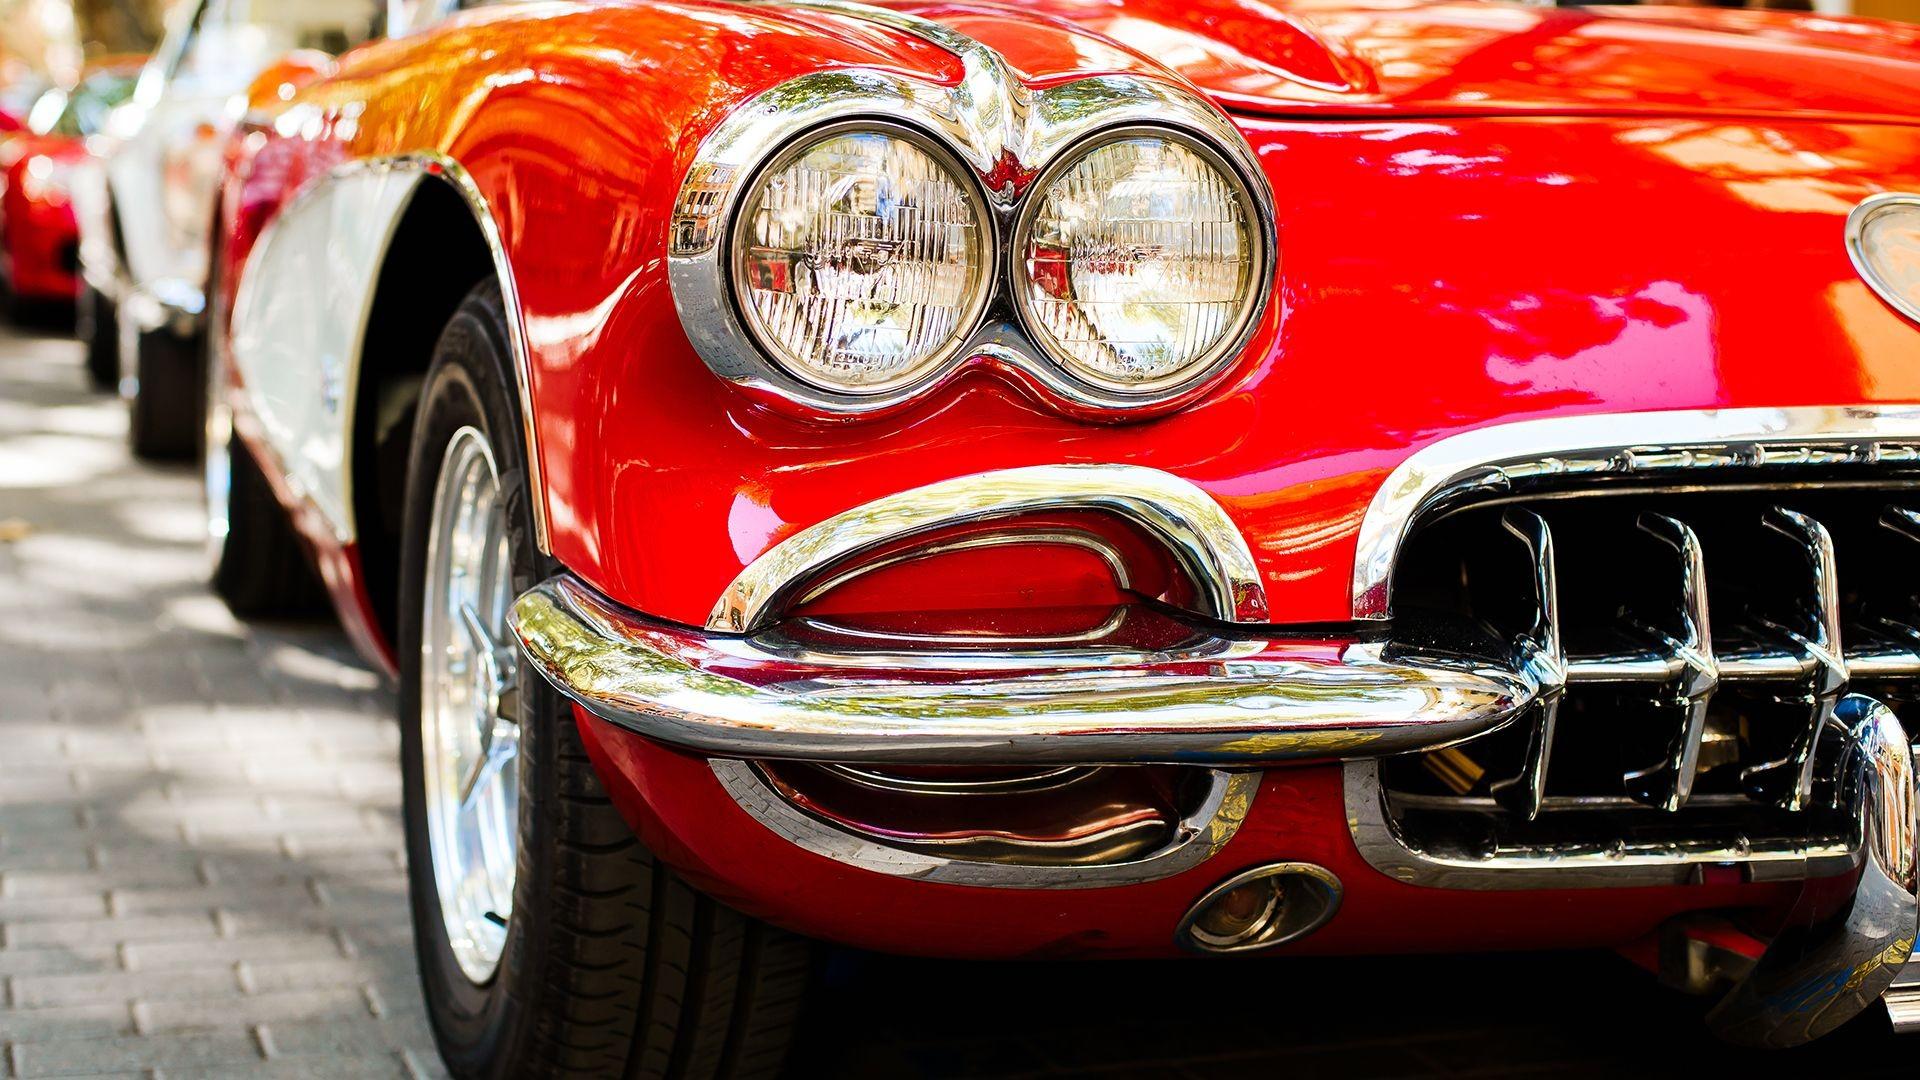 Compra venta de vehículos clásicos